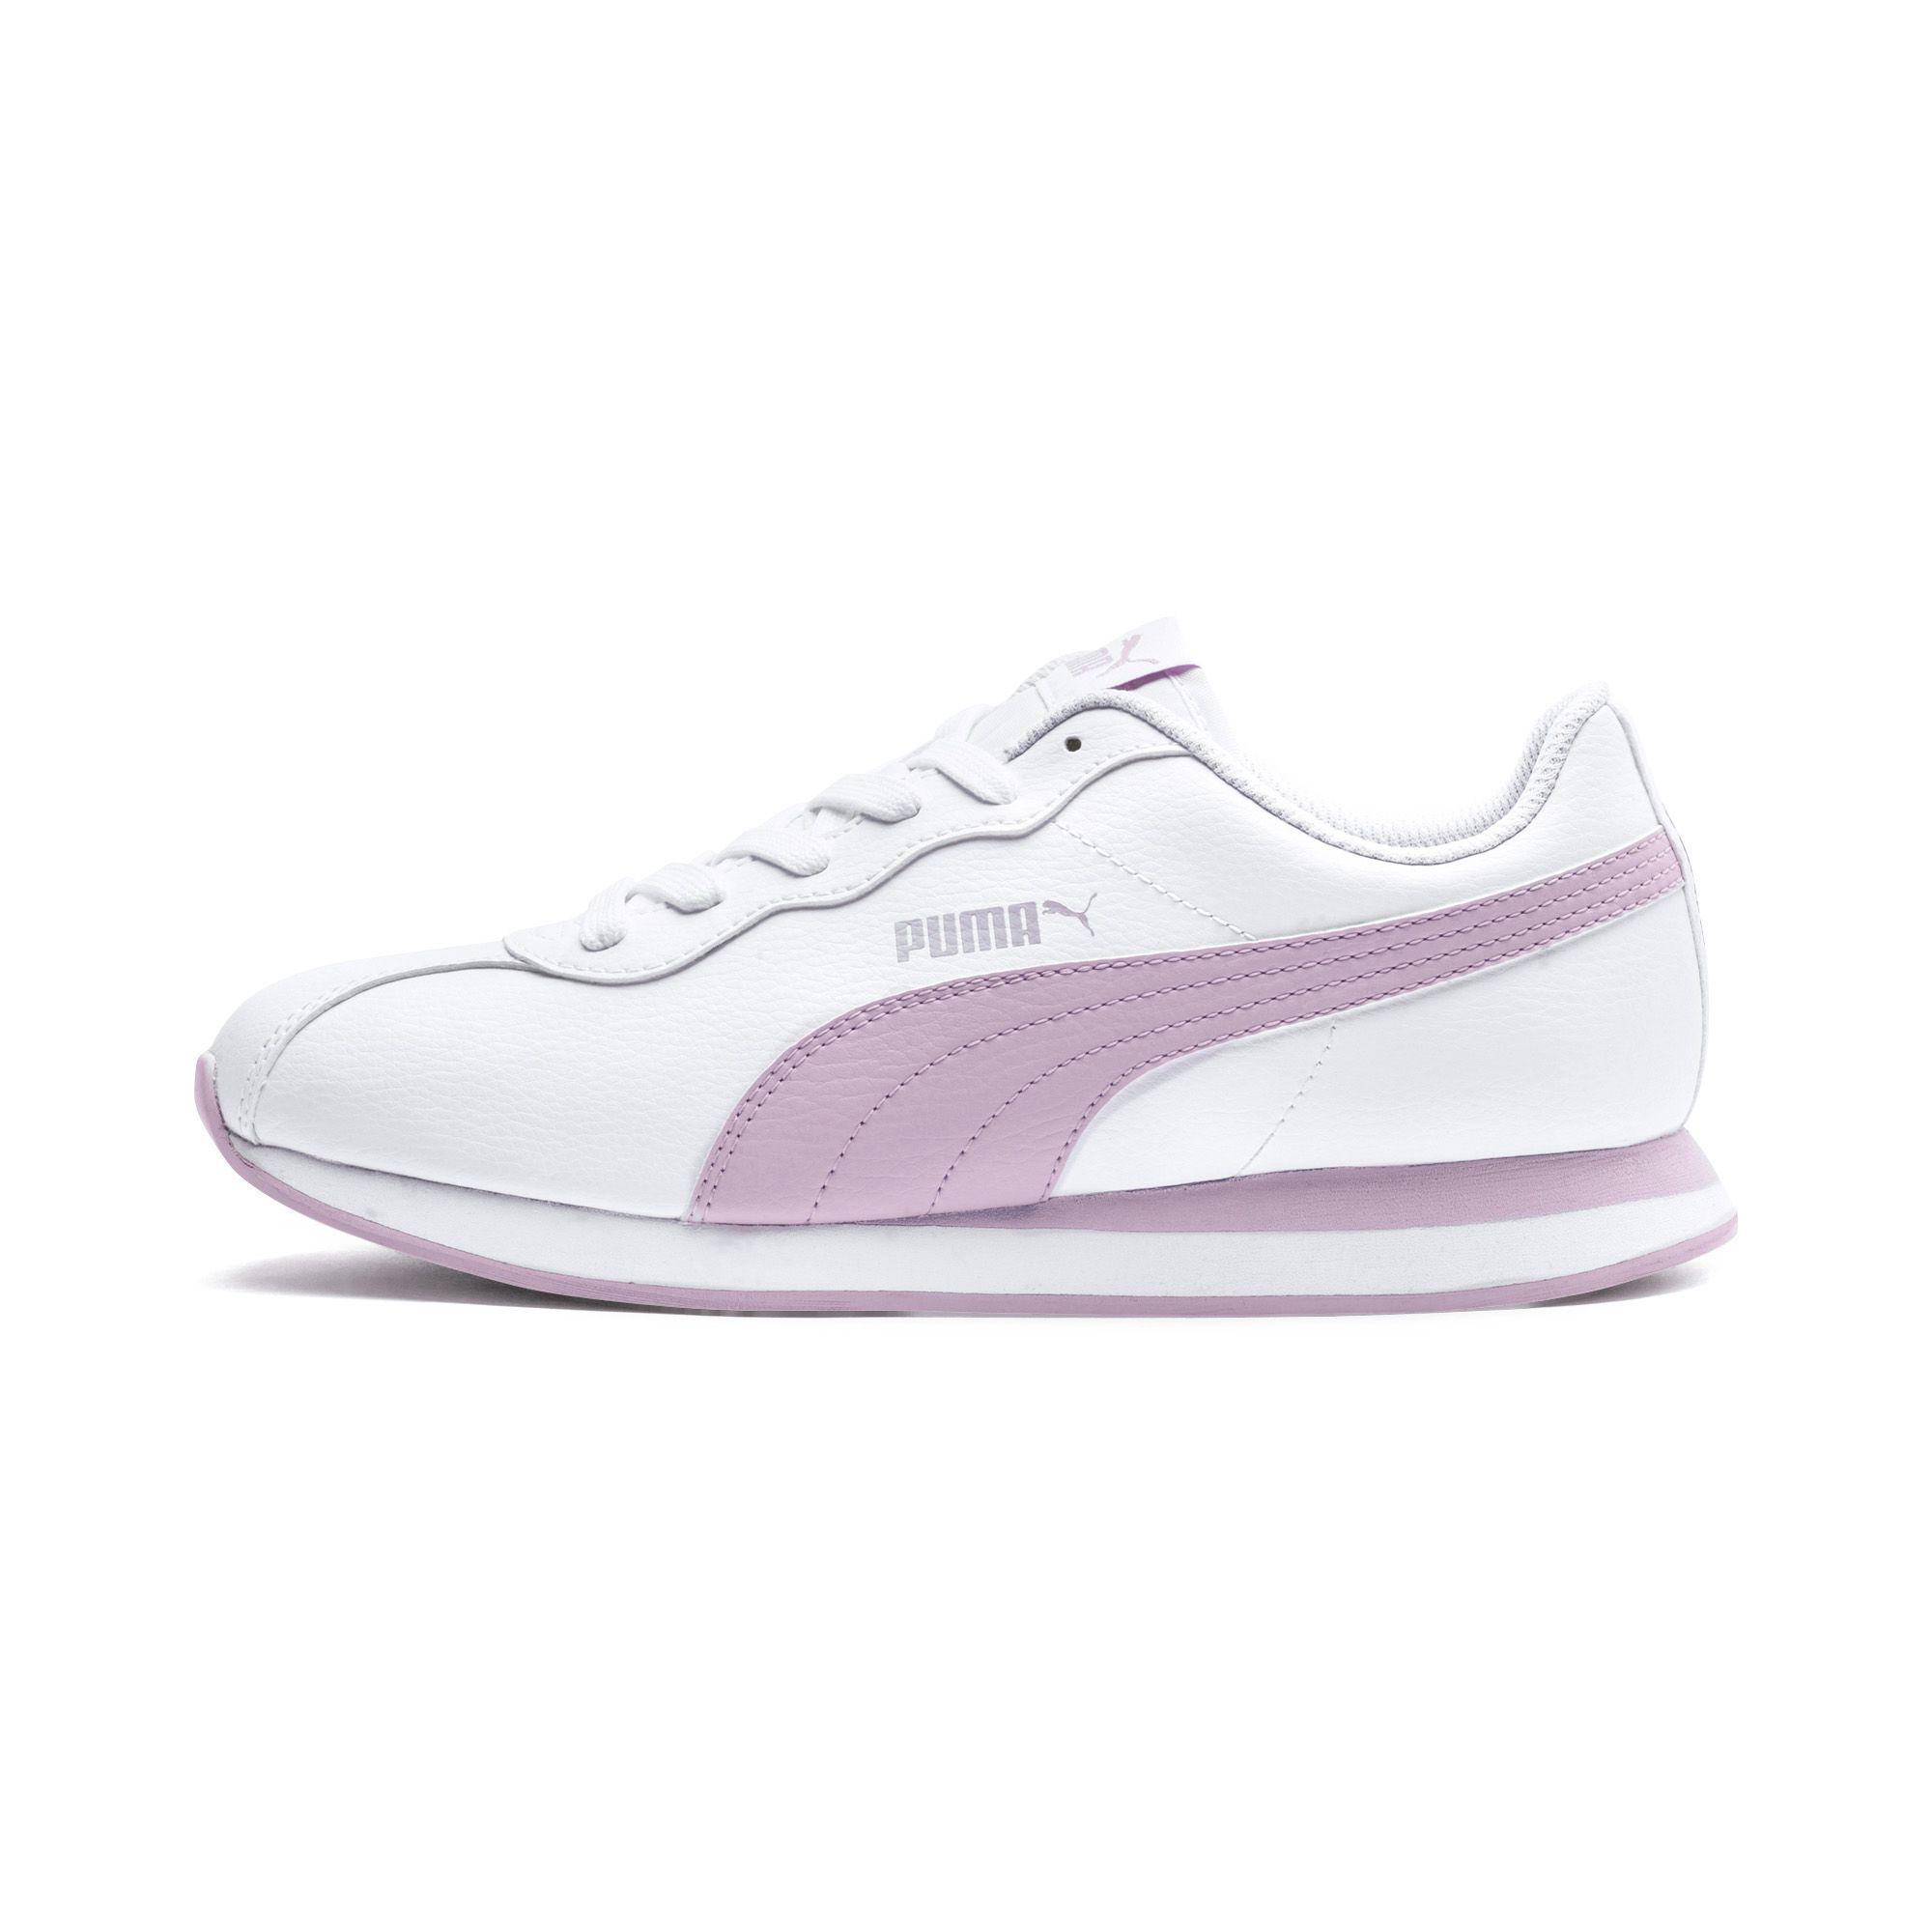 puma sneakers donna promo